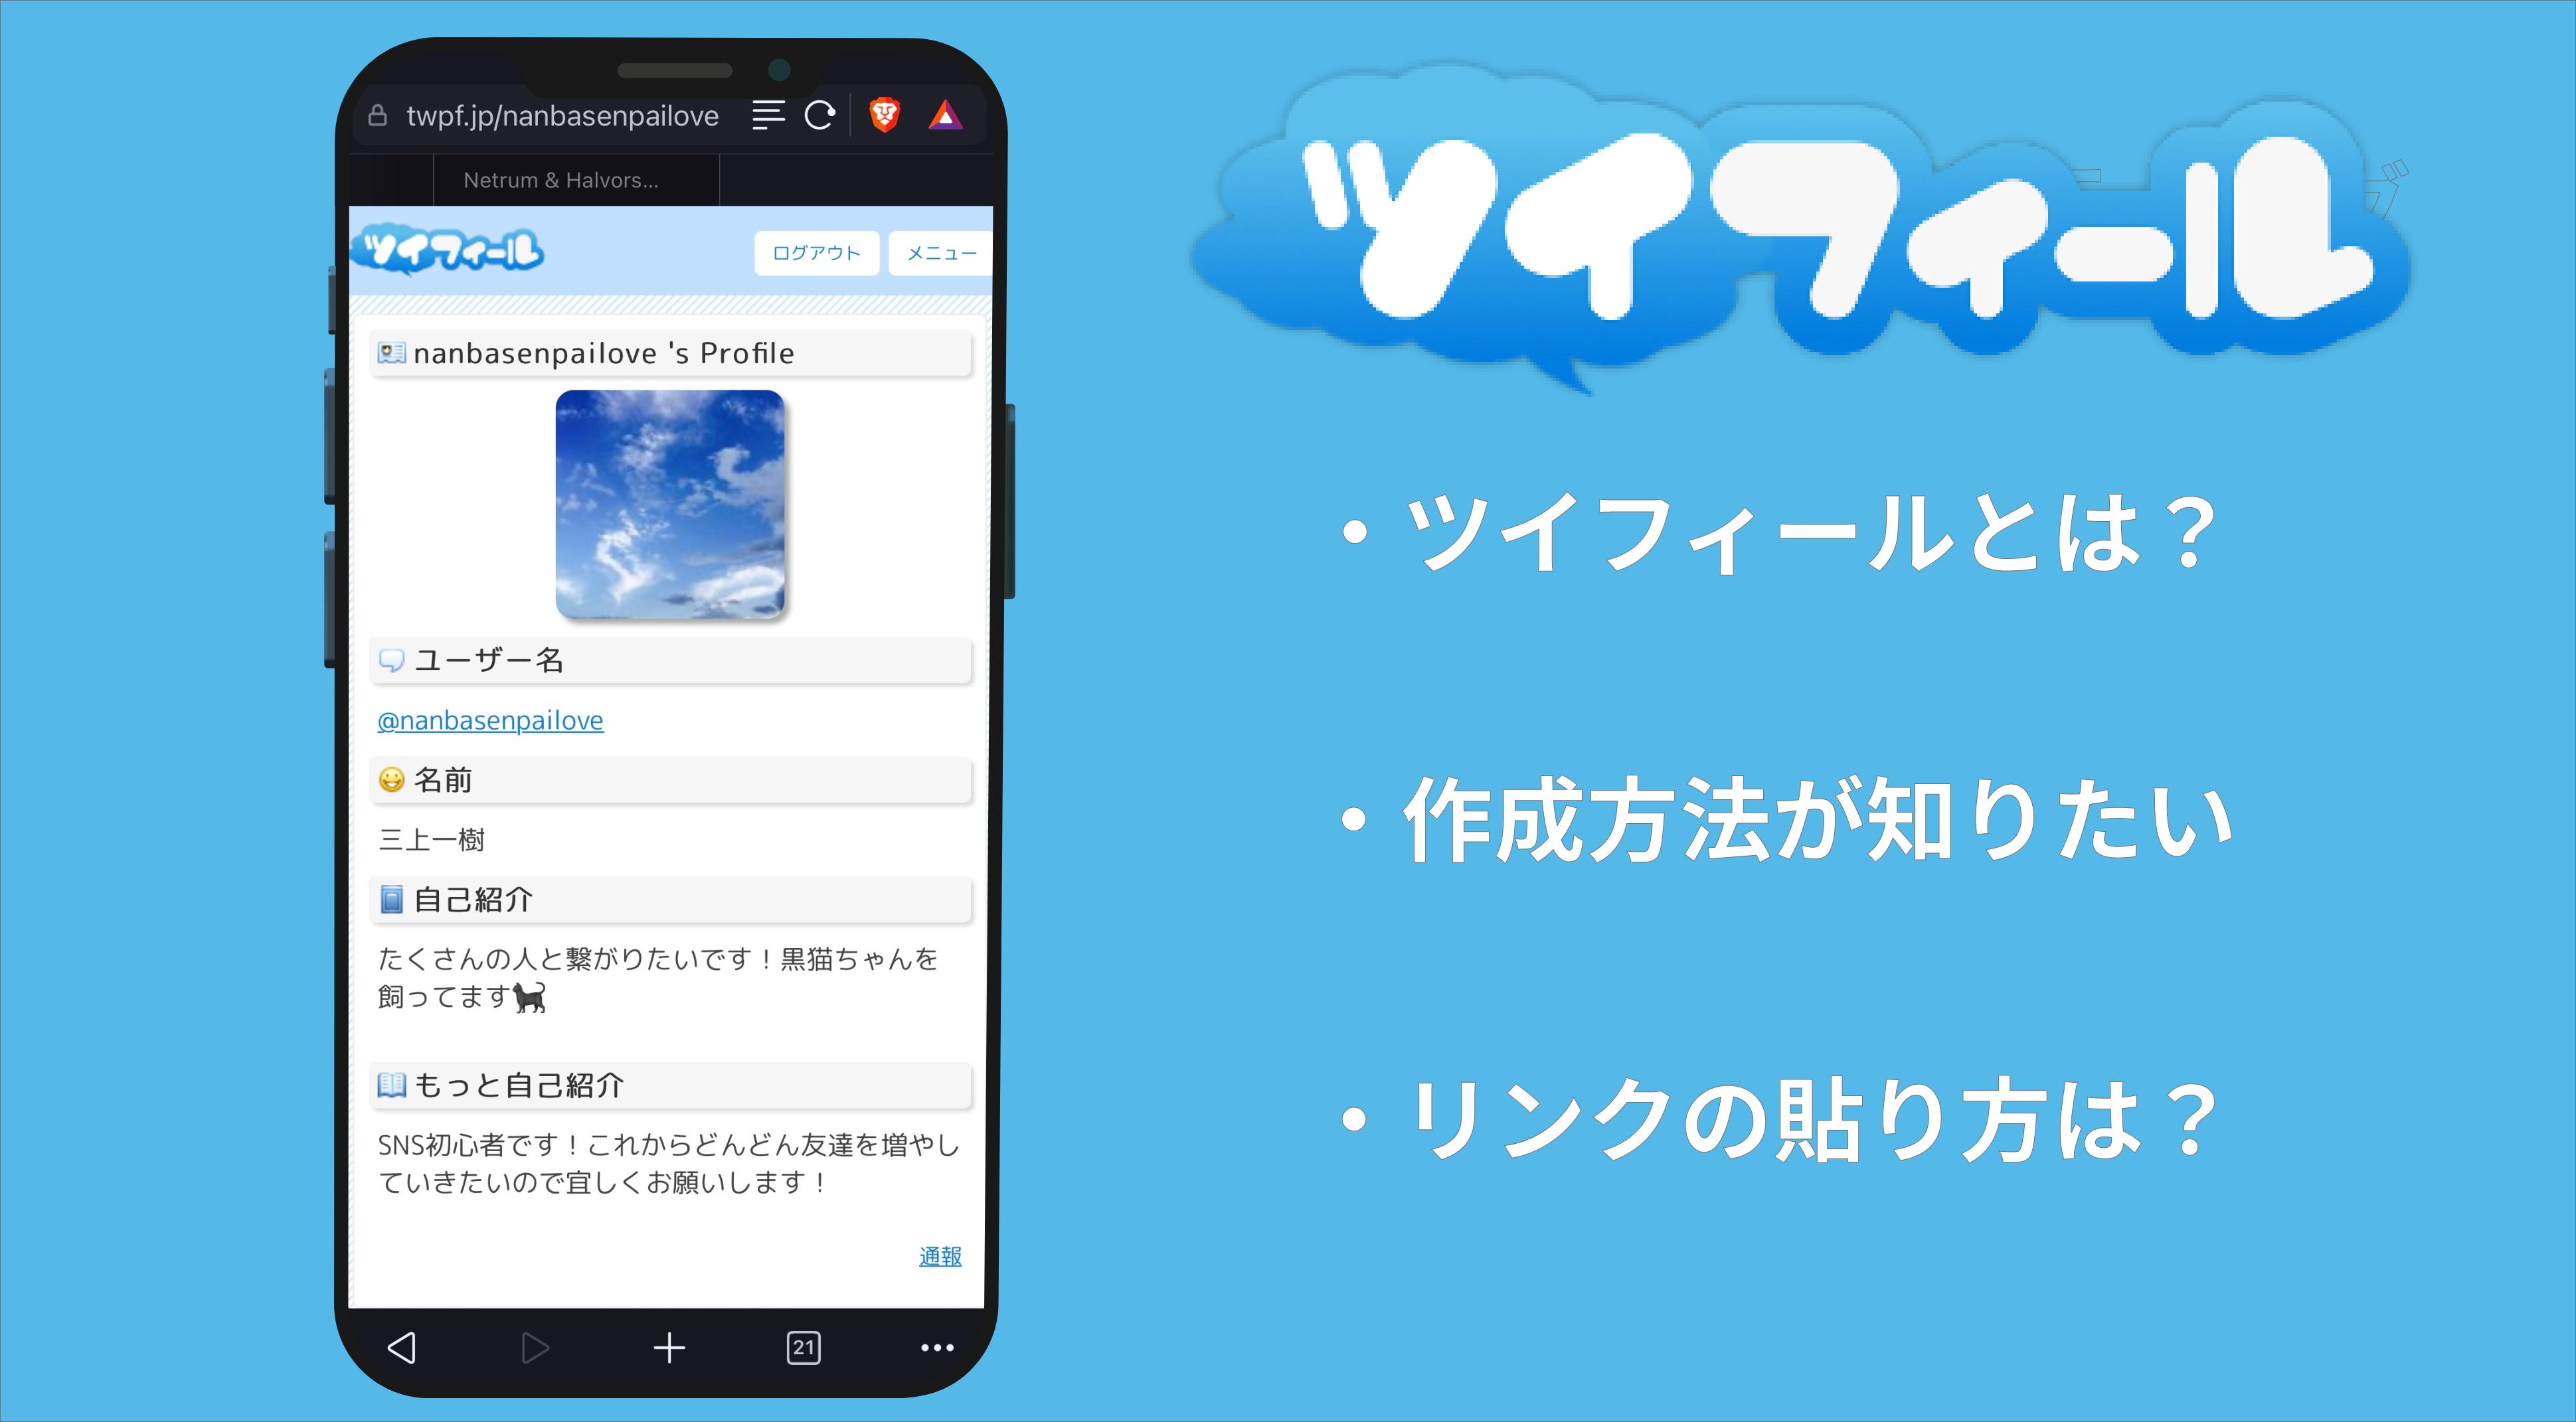 ツイフィールの作成方法やURLの貼り方を解説【Twitter専用プロフィールサービス】